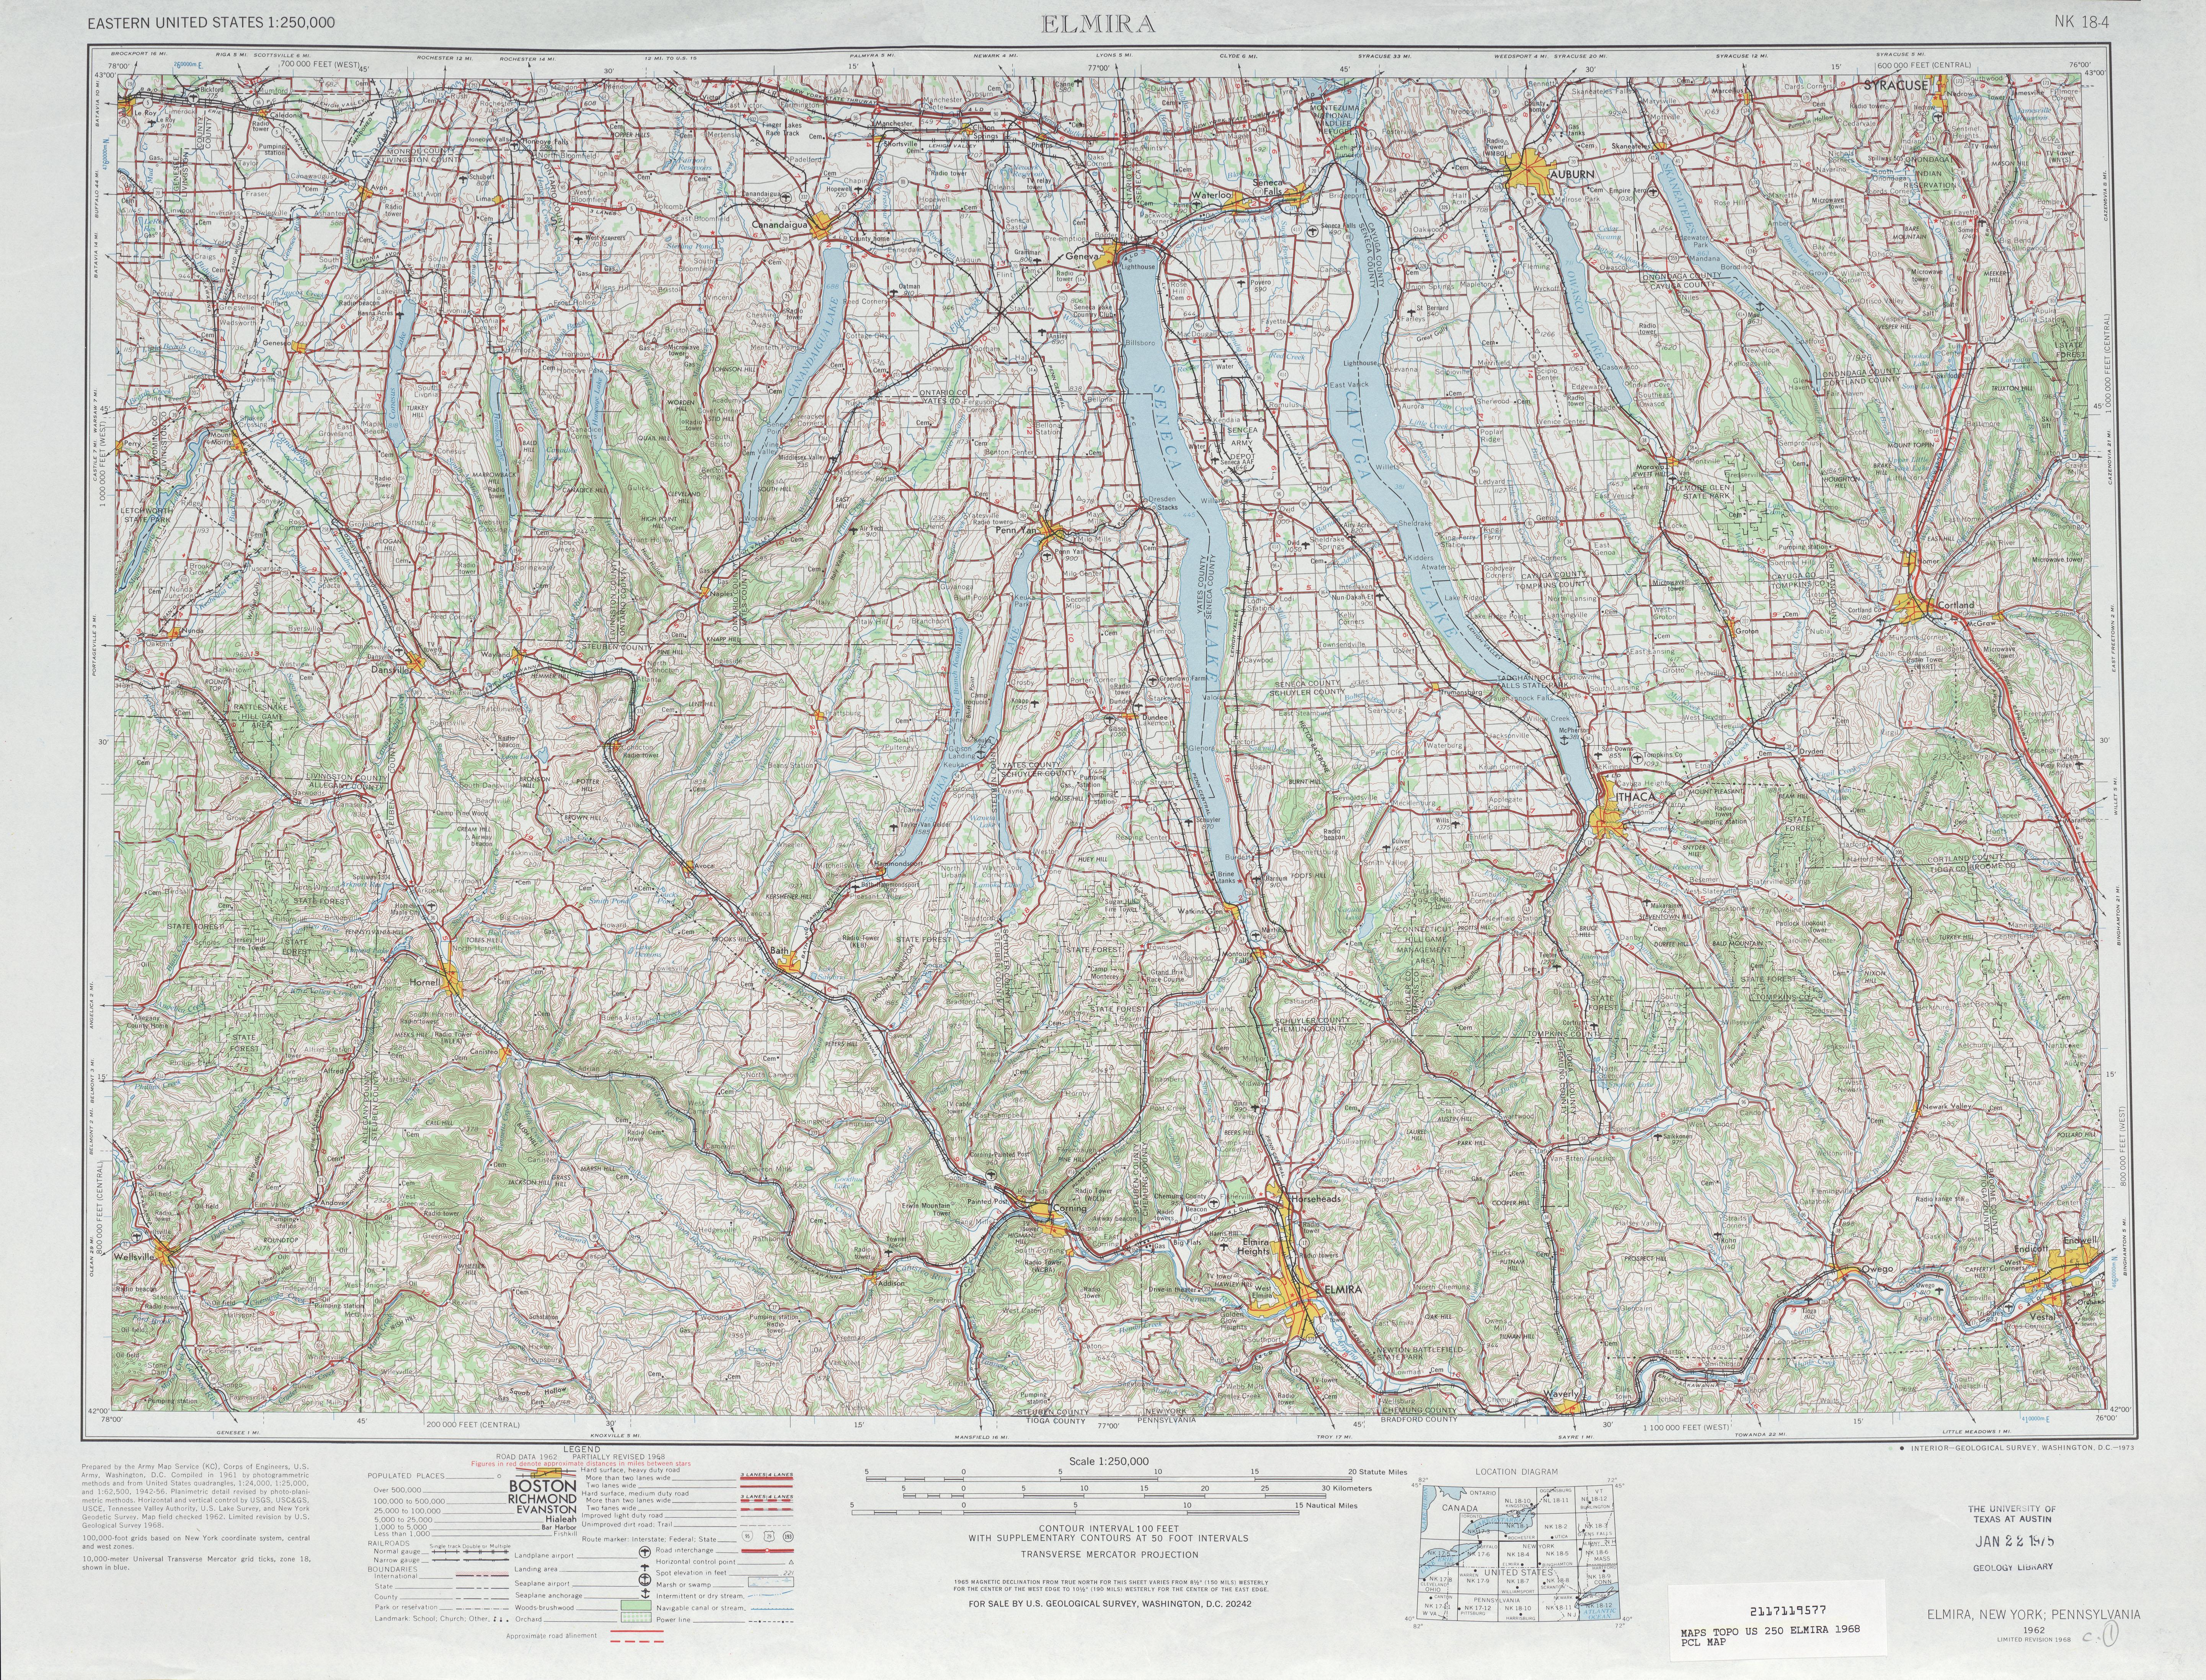 Hoja Elmira del Mapa Topográfico de los Estados Unidos 1968